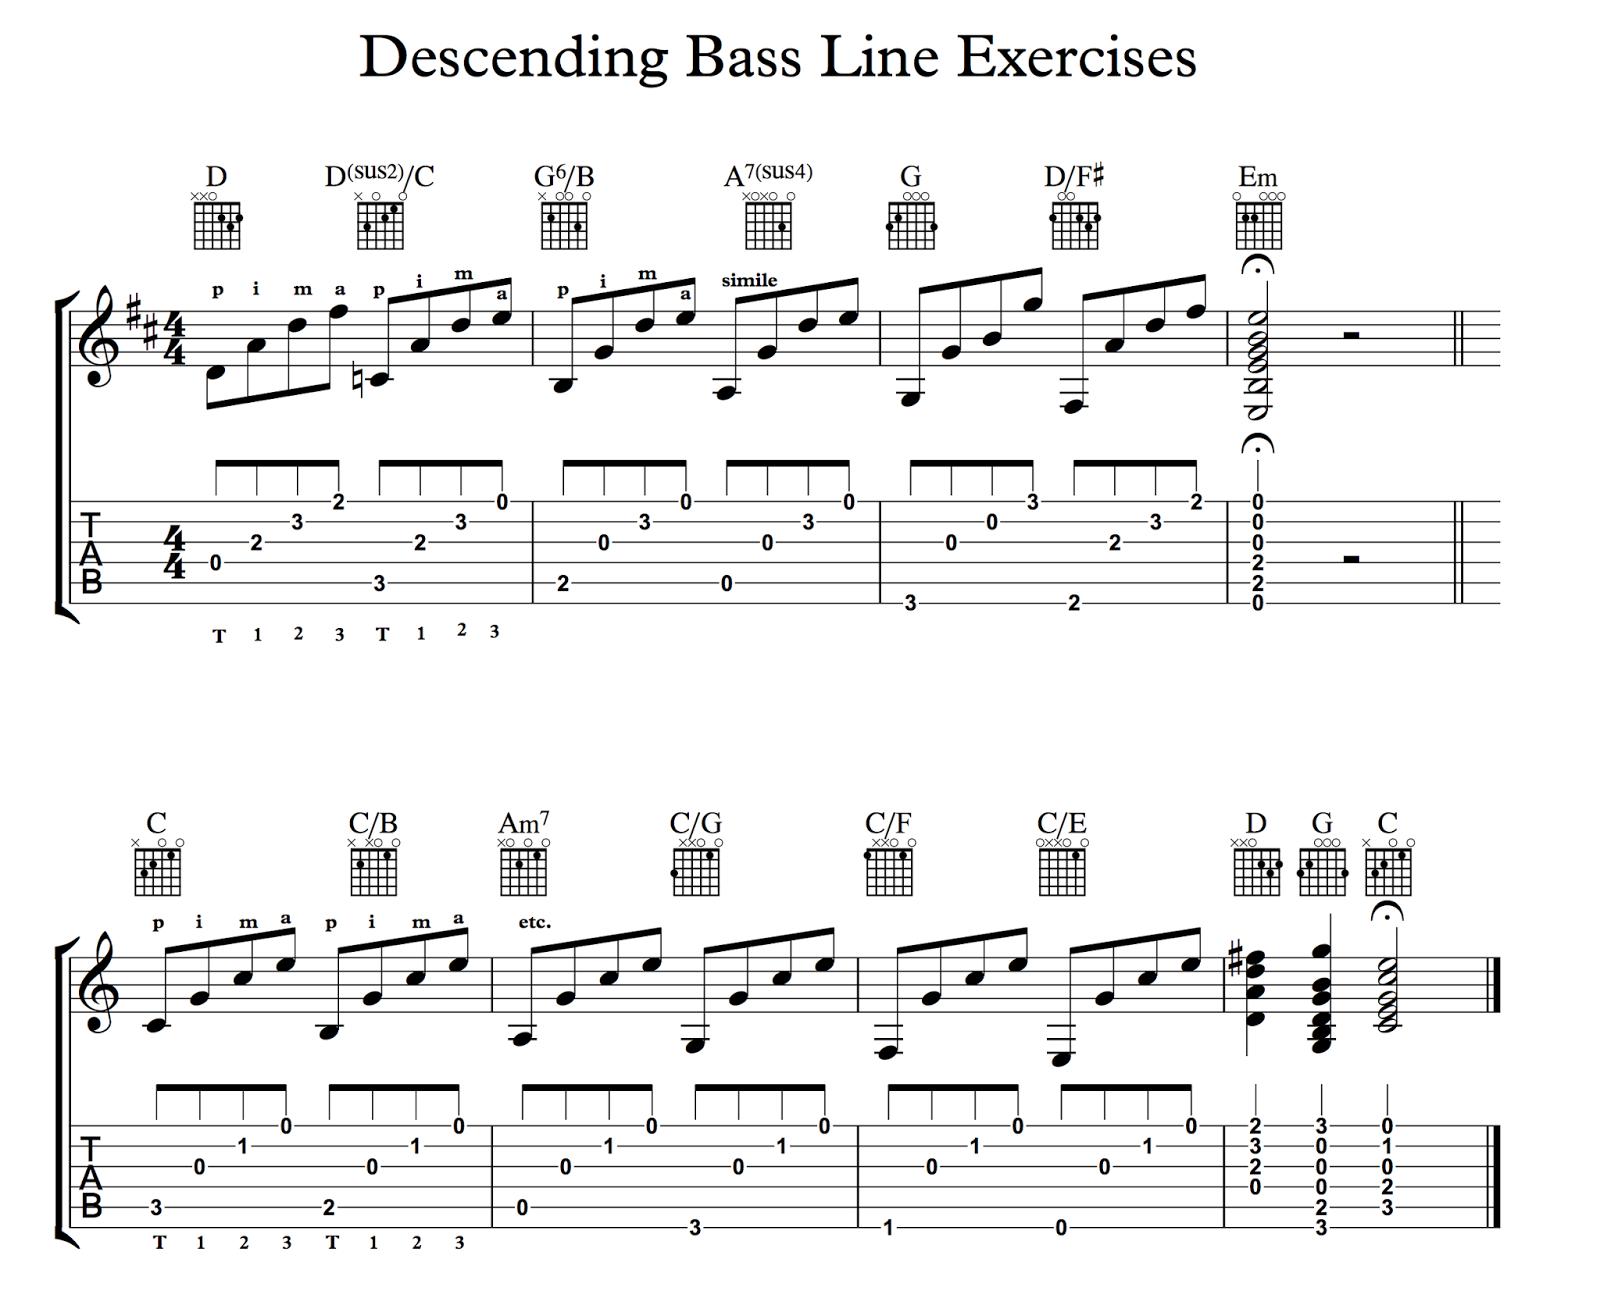 ghs guitar descending bass line patterns for cool guitar players. Black Bedroom Furniture Sets. Home Design Ideas